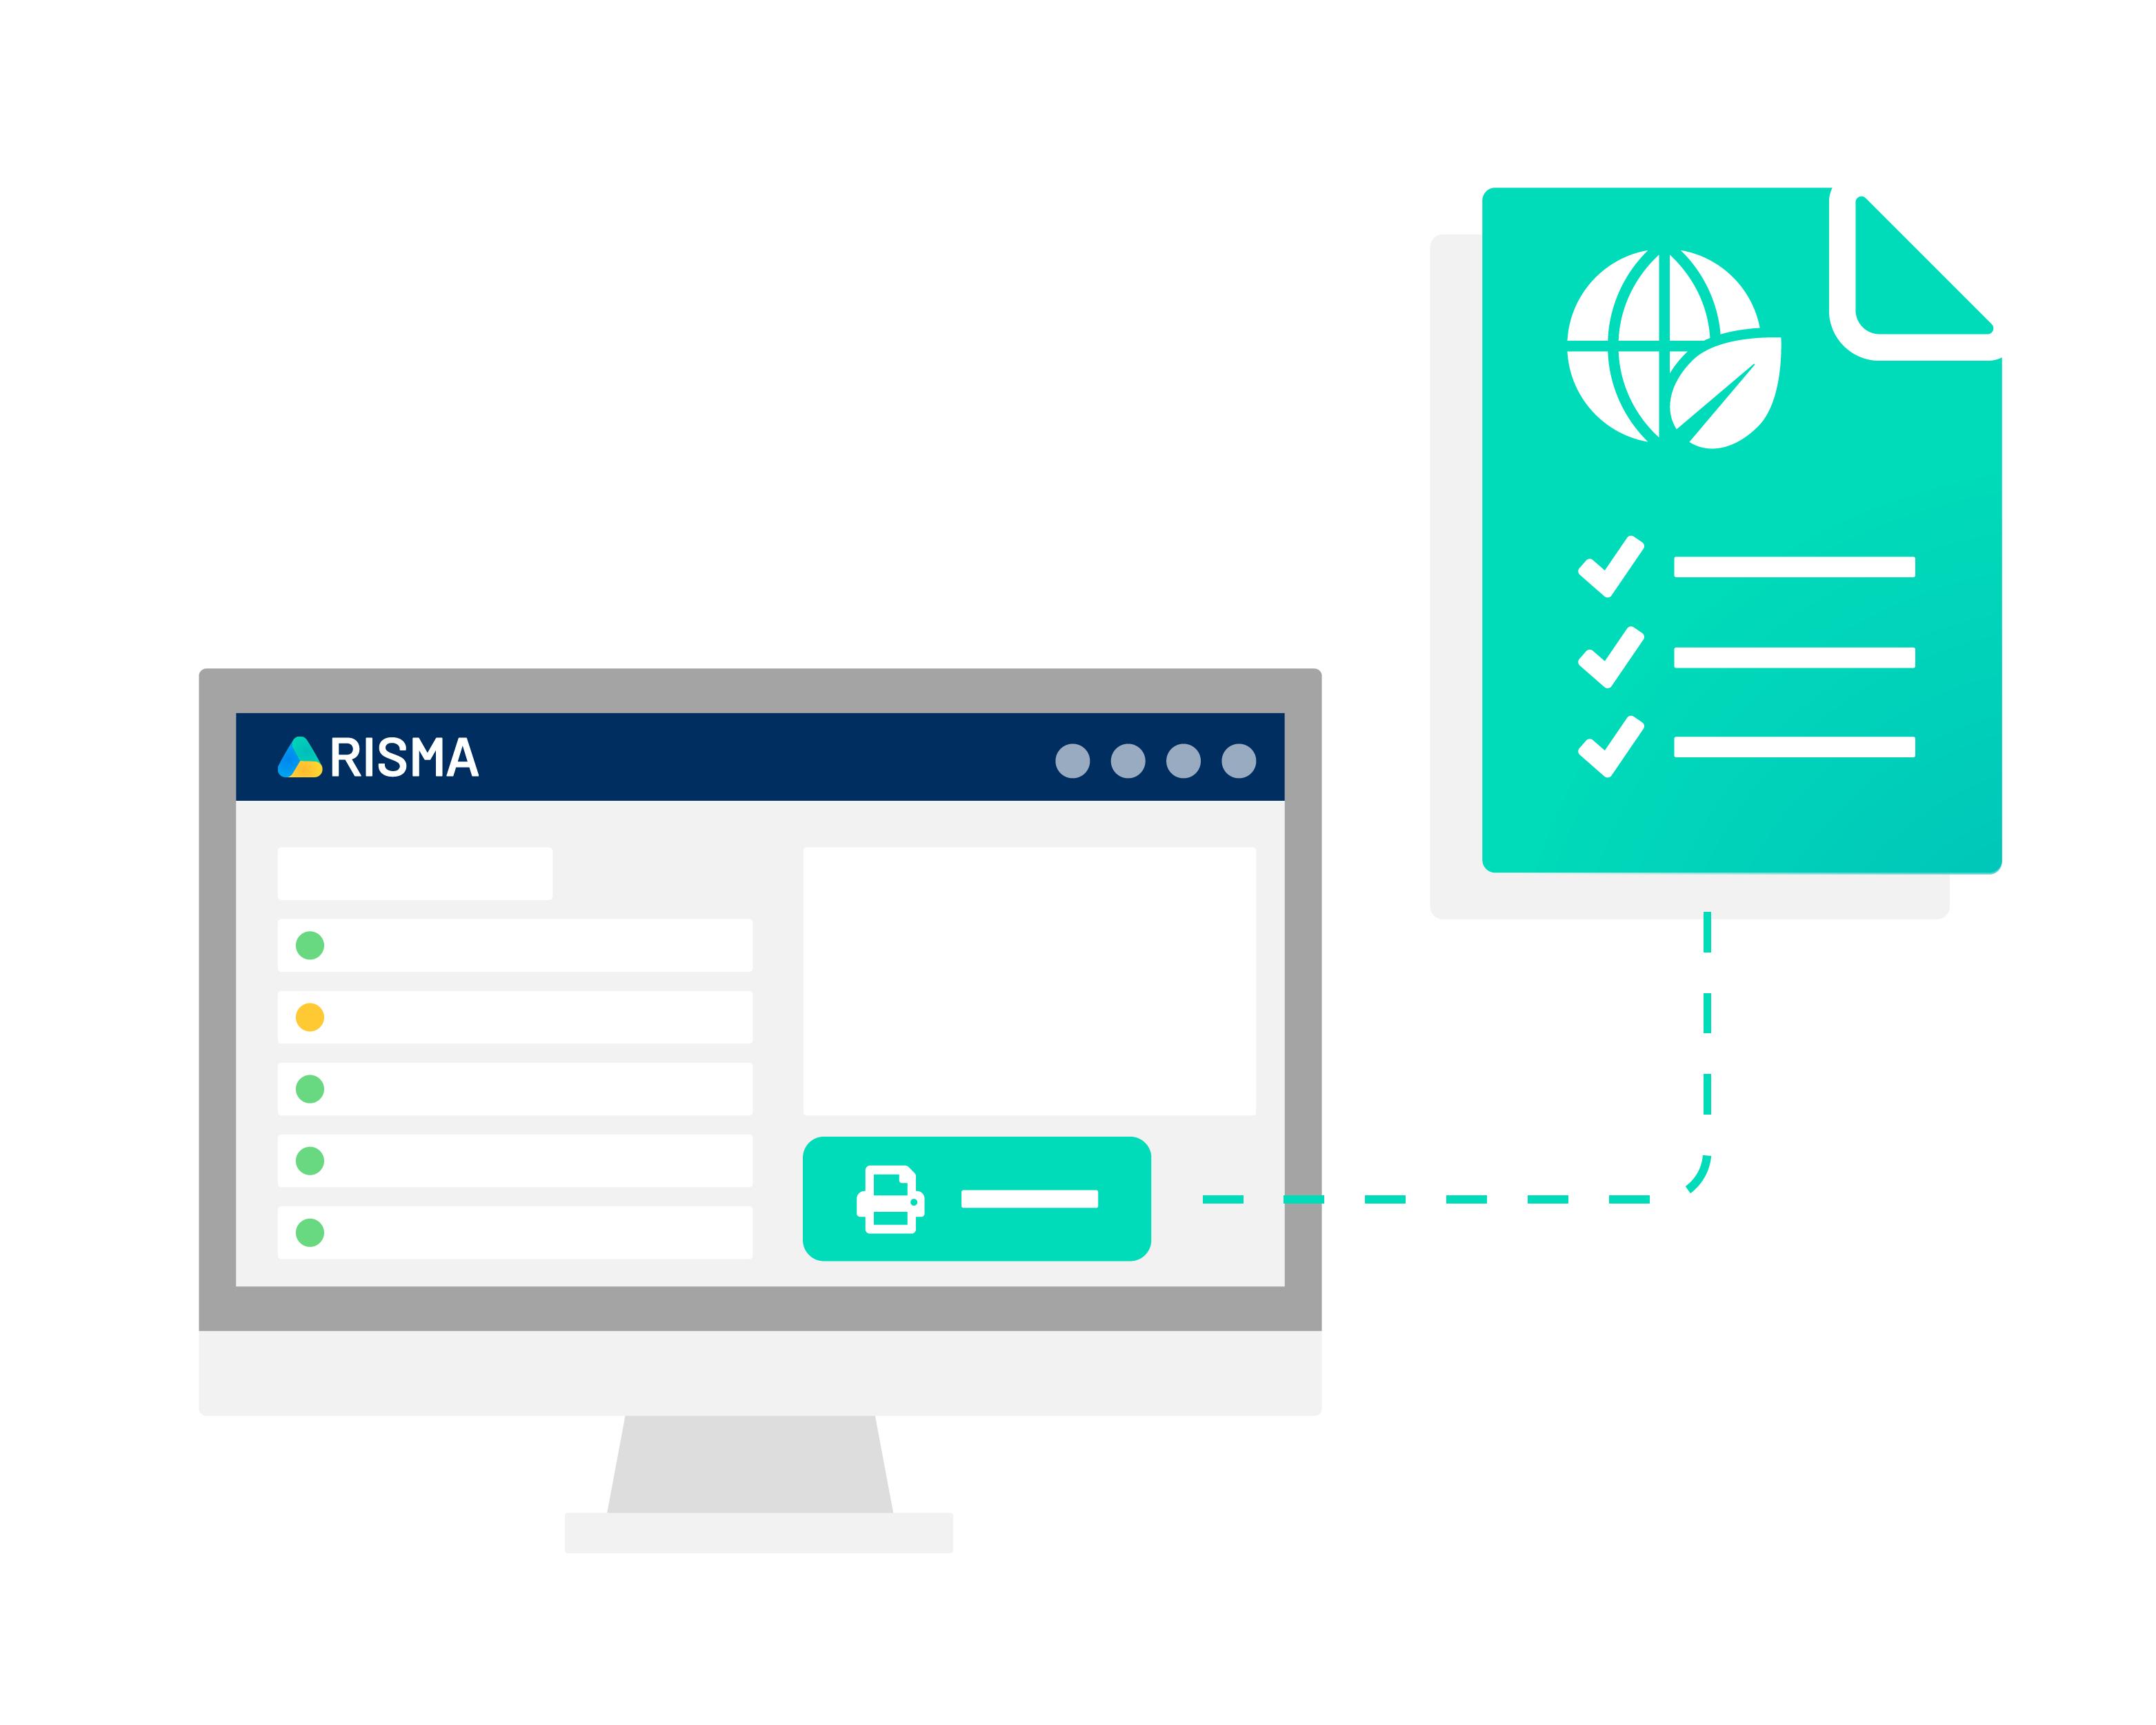 Skærmbillede der viser hurtig adgang til dokumentation i RISMAs ESG-løsning.